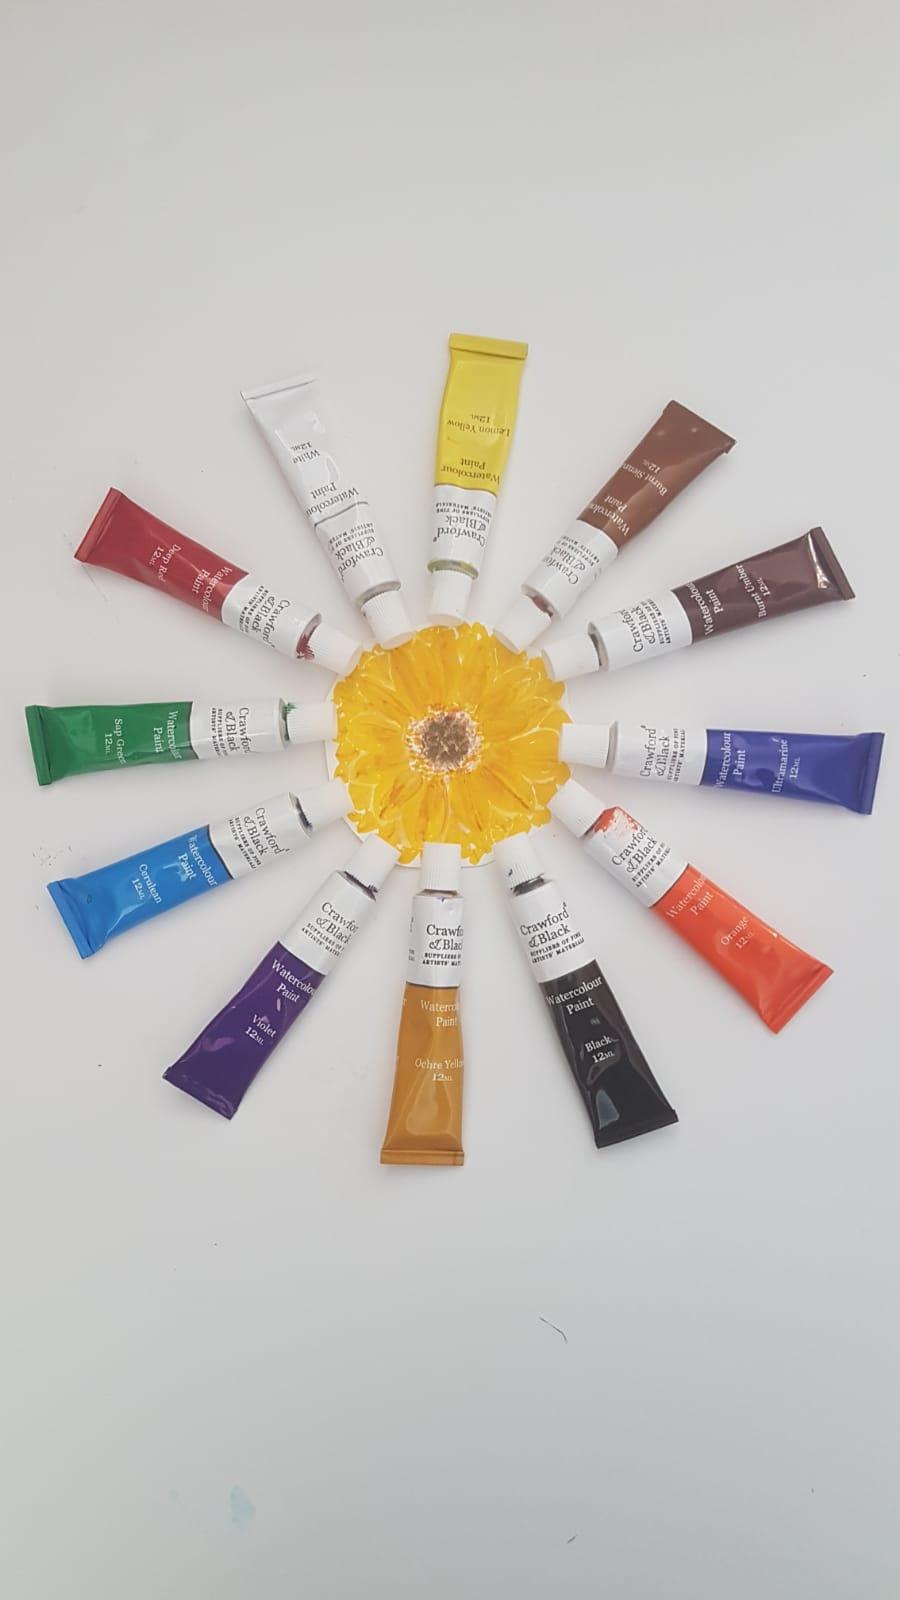 Arrangement of paint tubes